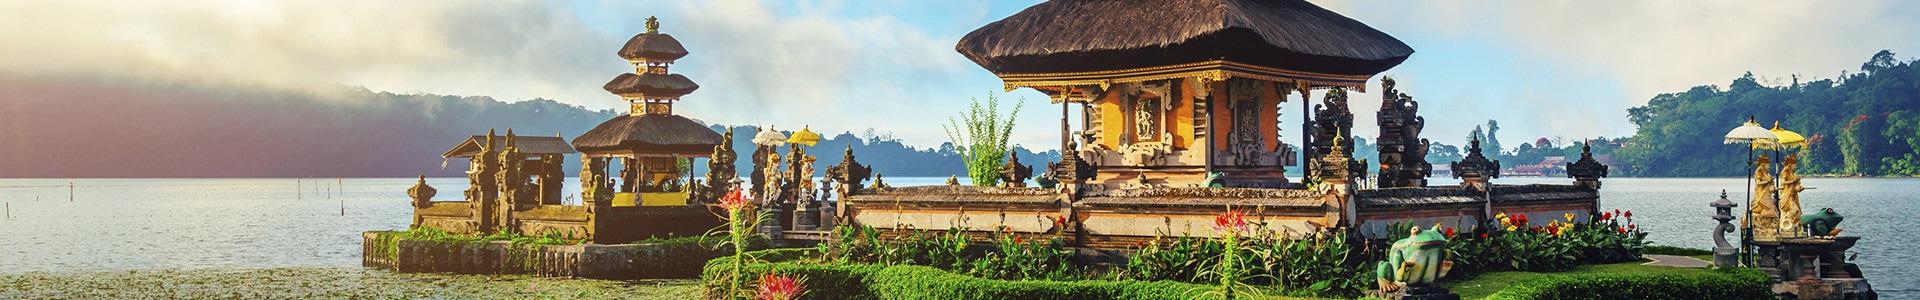 Vol Bali - TUI